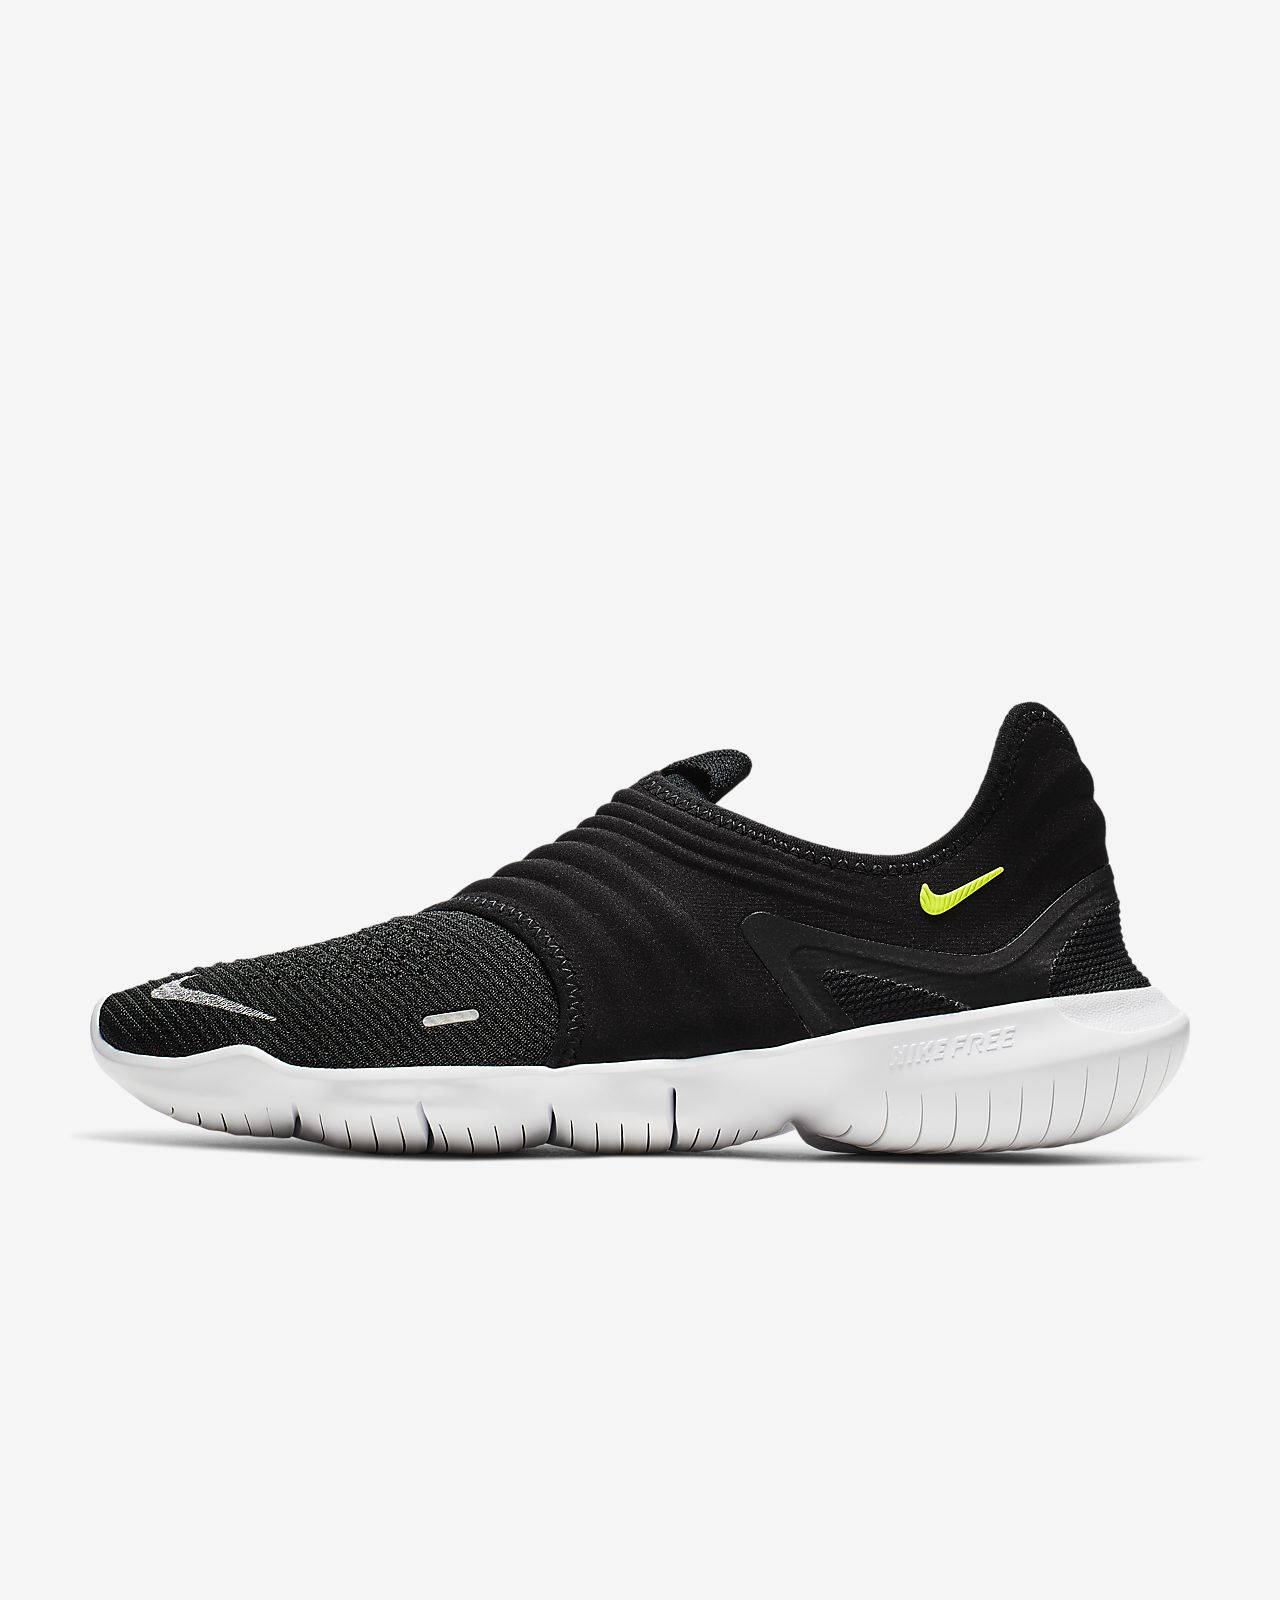 Nike Free RN Flyknit 3.0 男子运动鞋